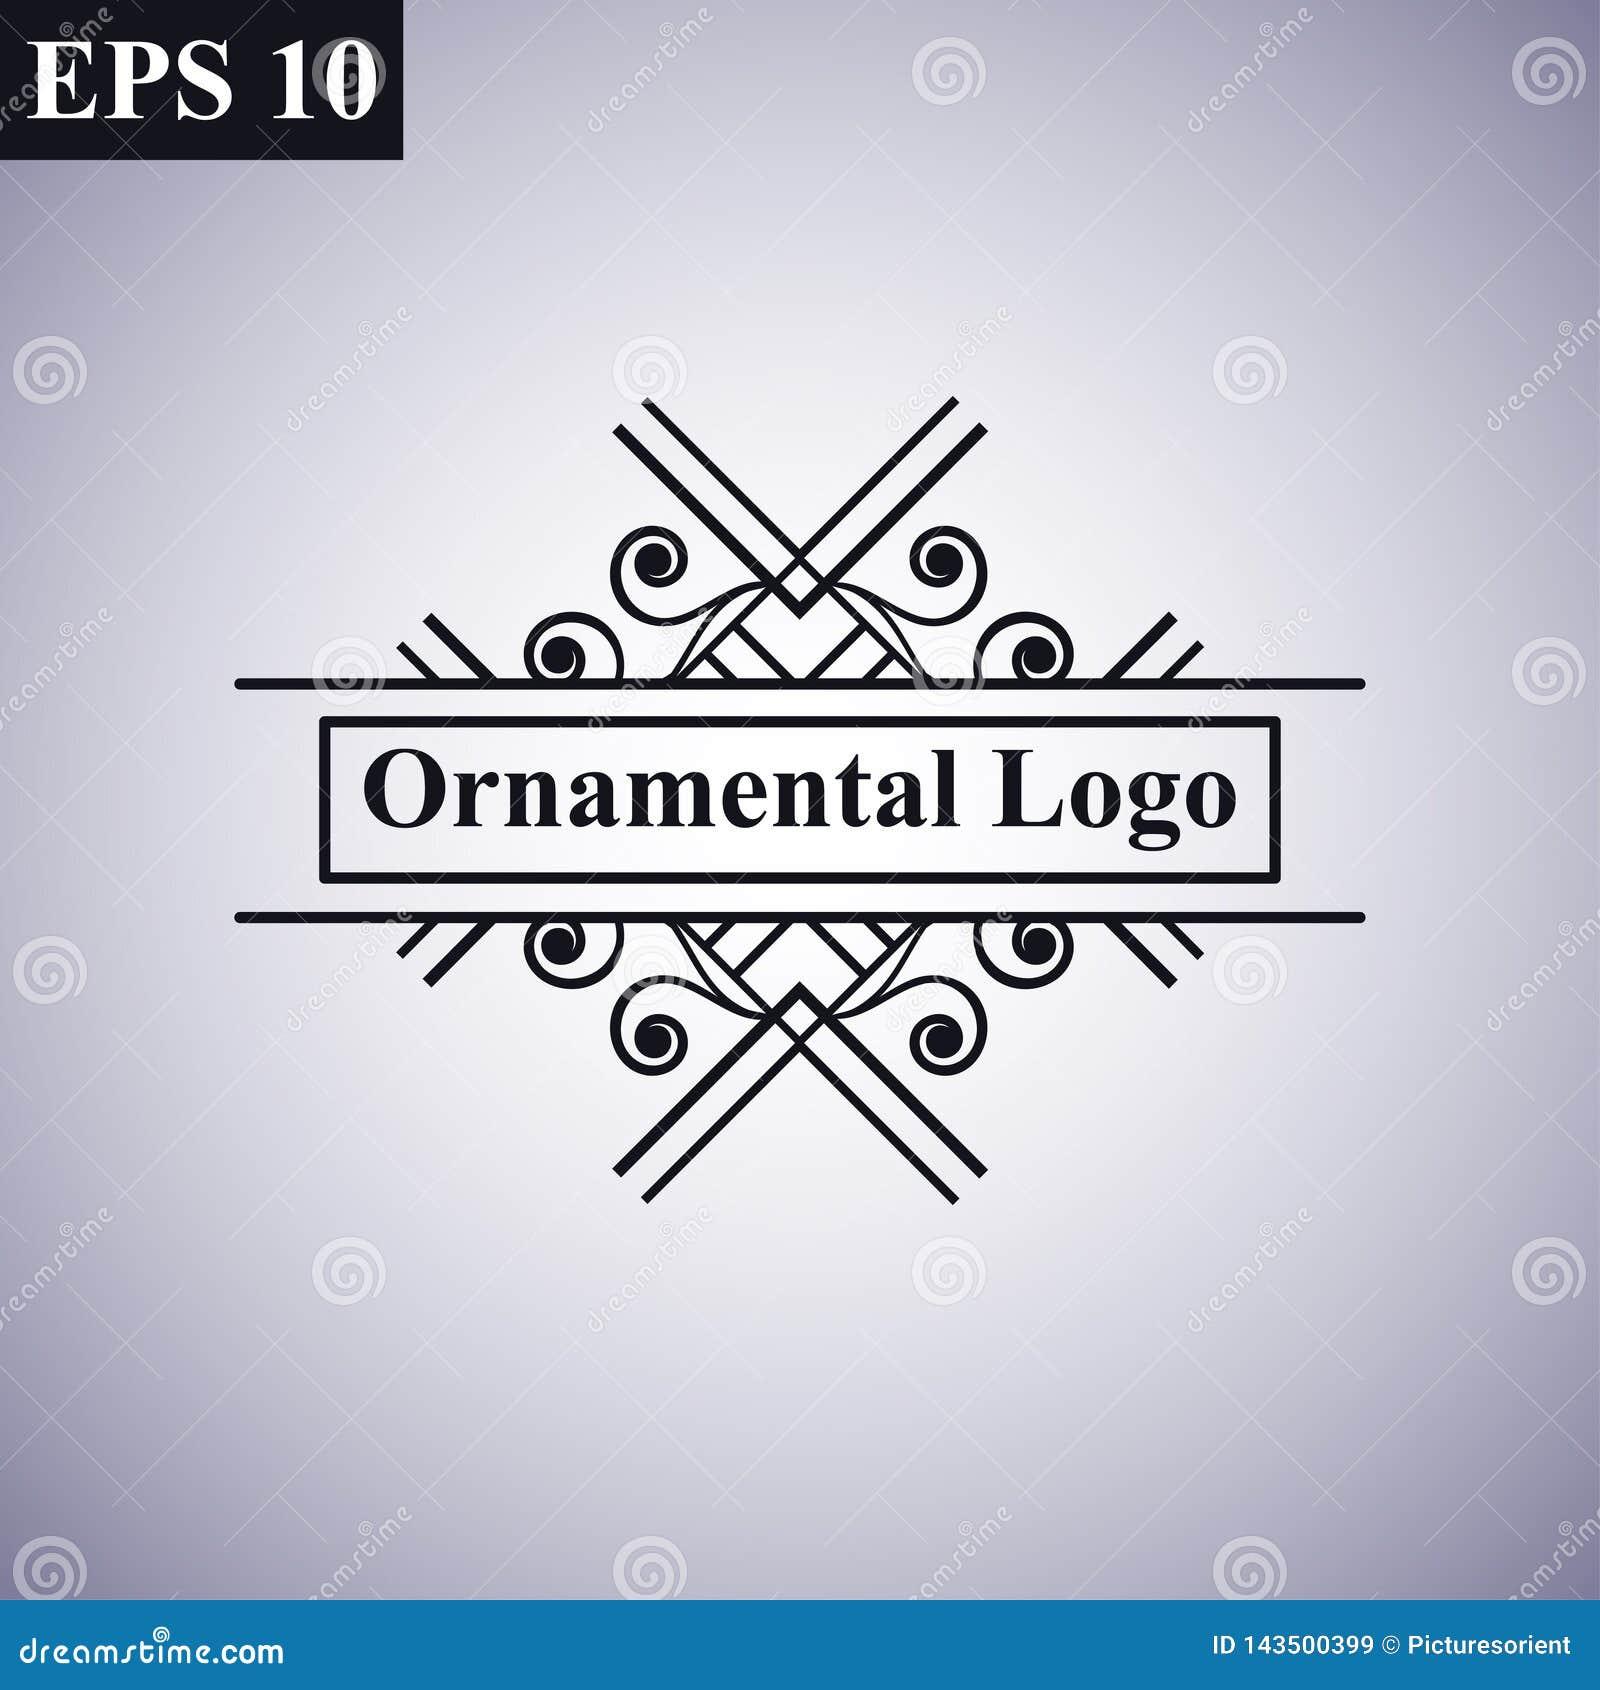 Logotipo linear del vector del vintage del art déco del vintage geométrico mínimo monocromático antiguo ornamental retro de lujo